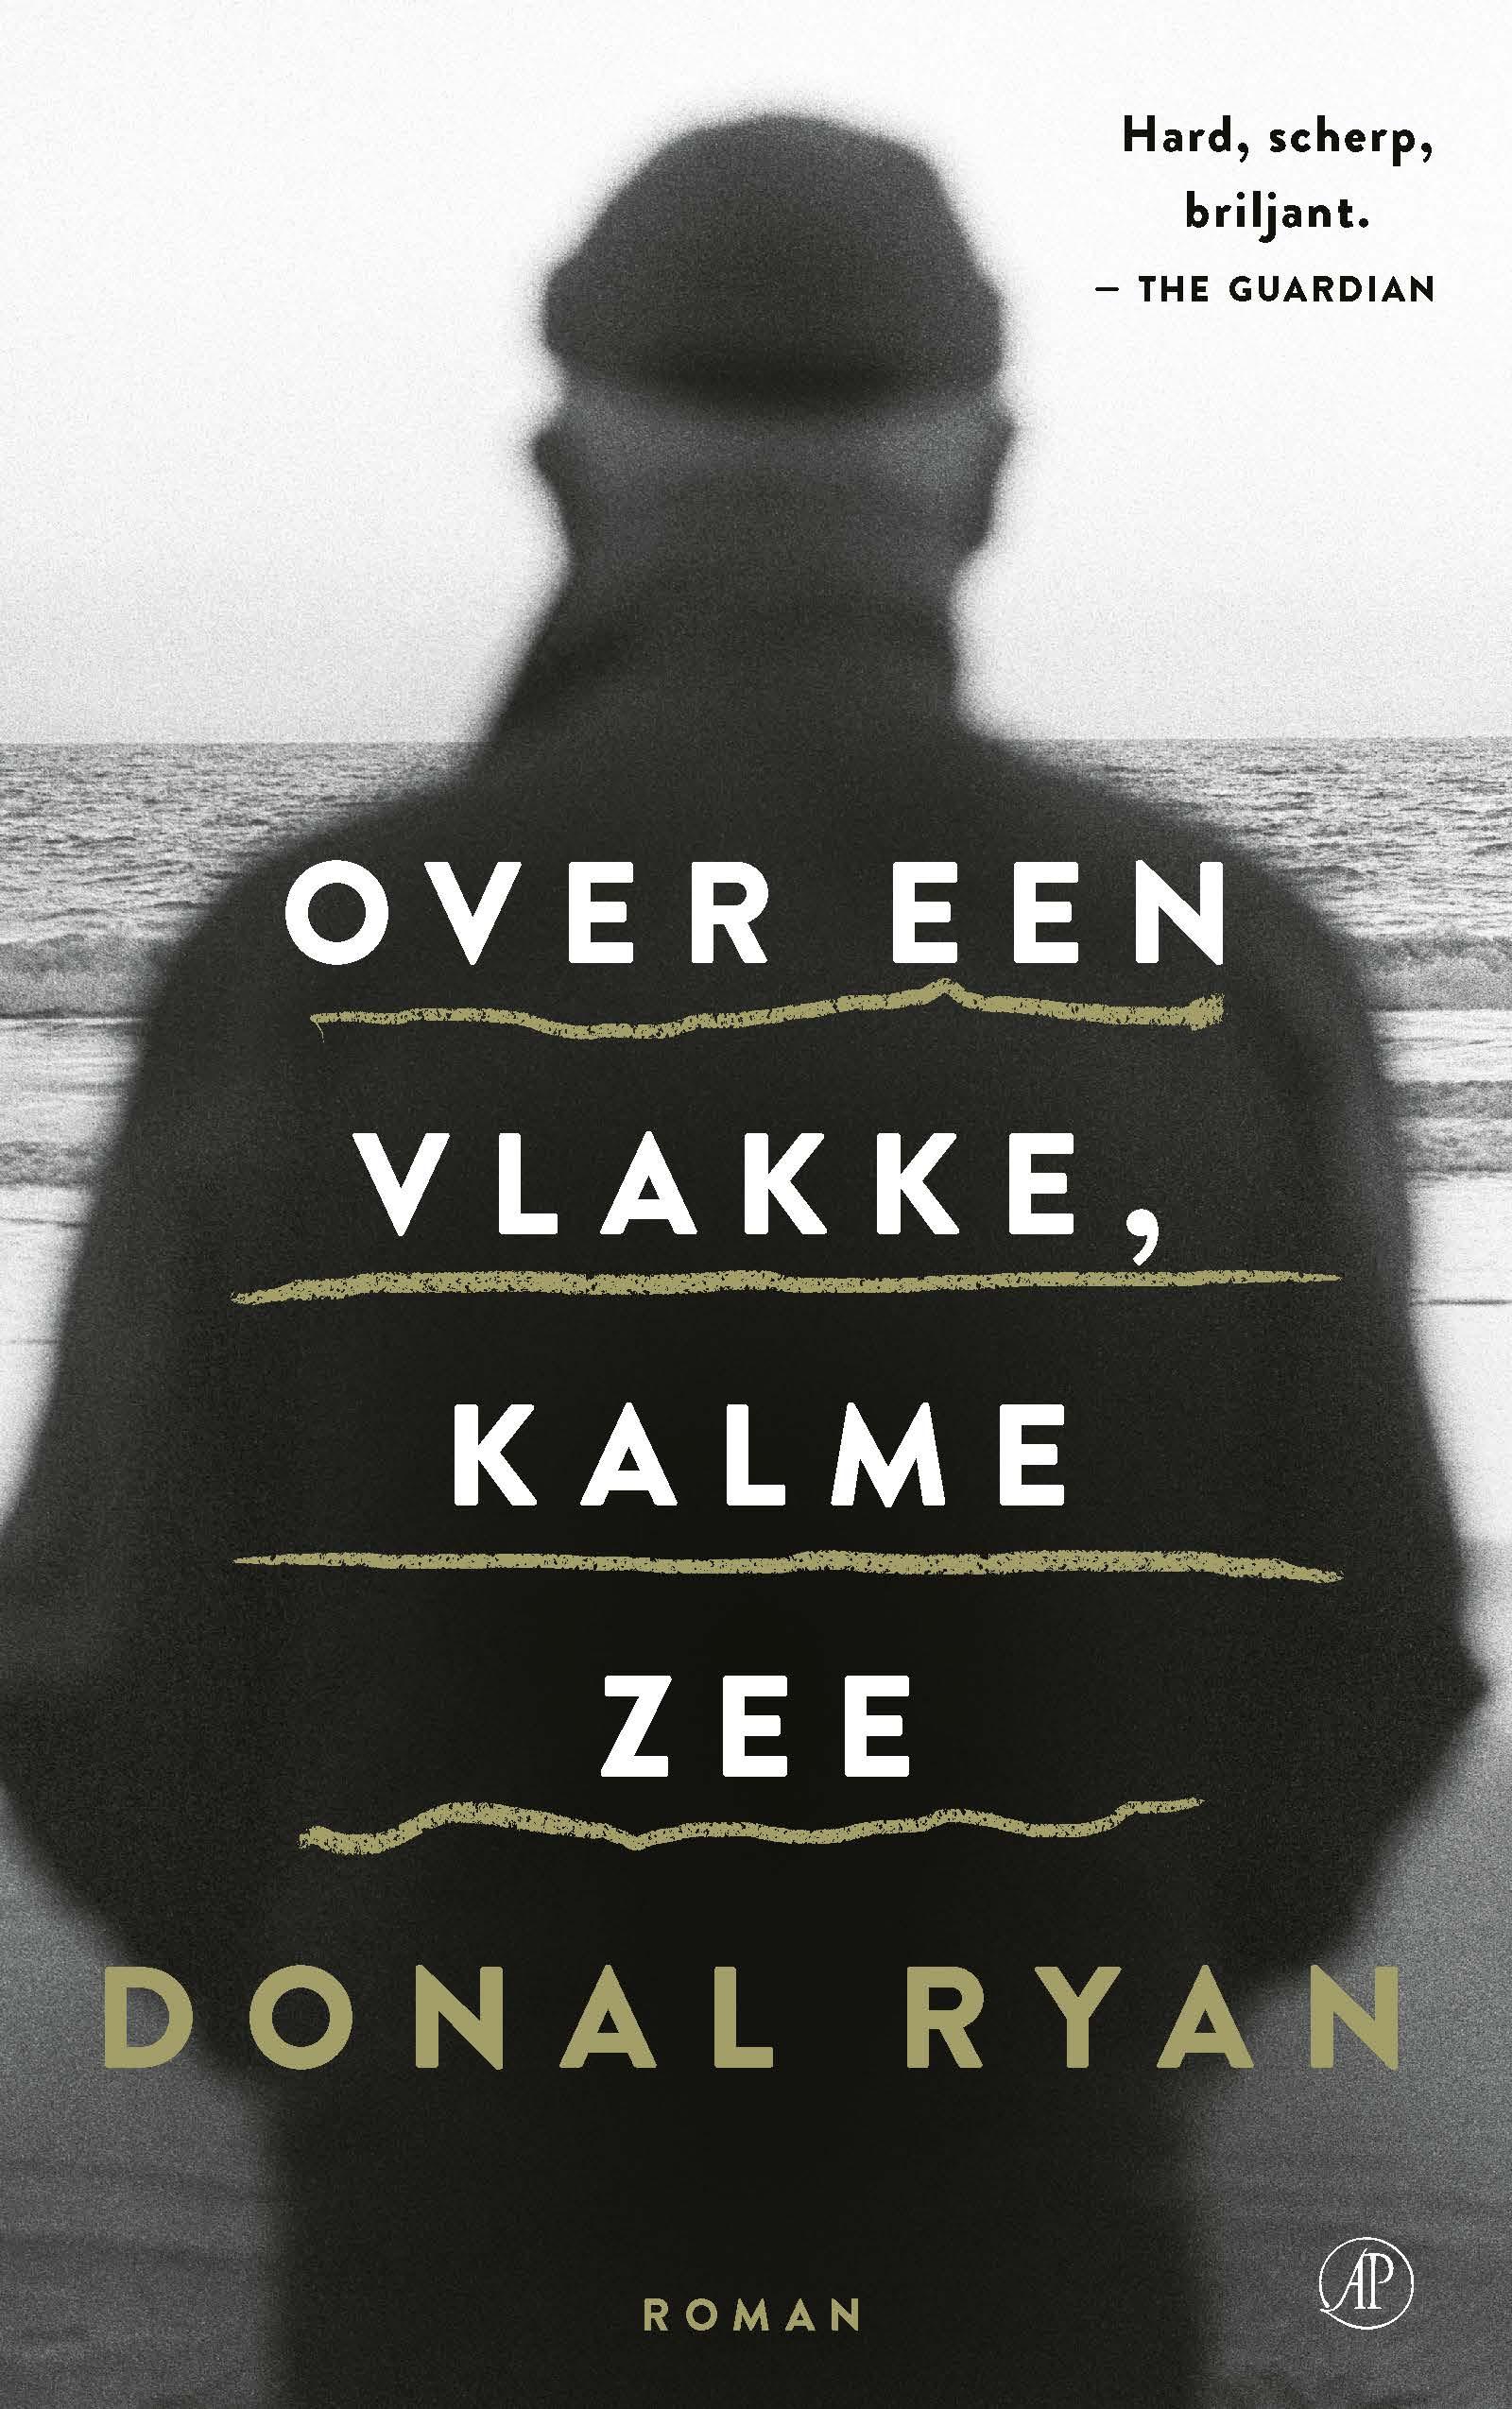 Over een vlakke, kalme zee - boekenflits.nl